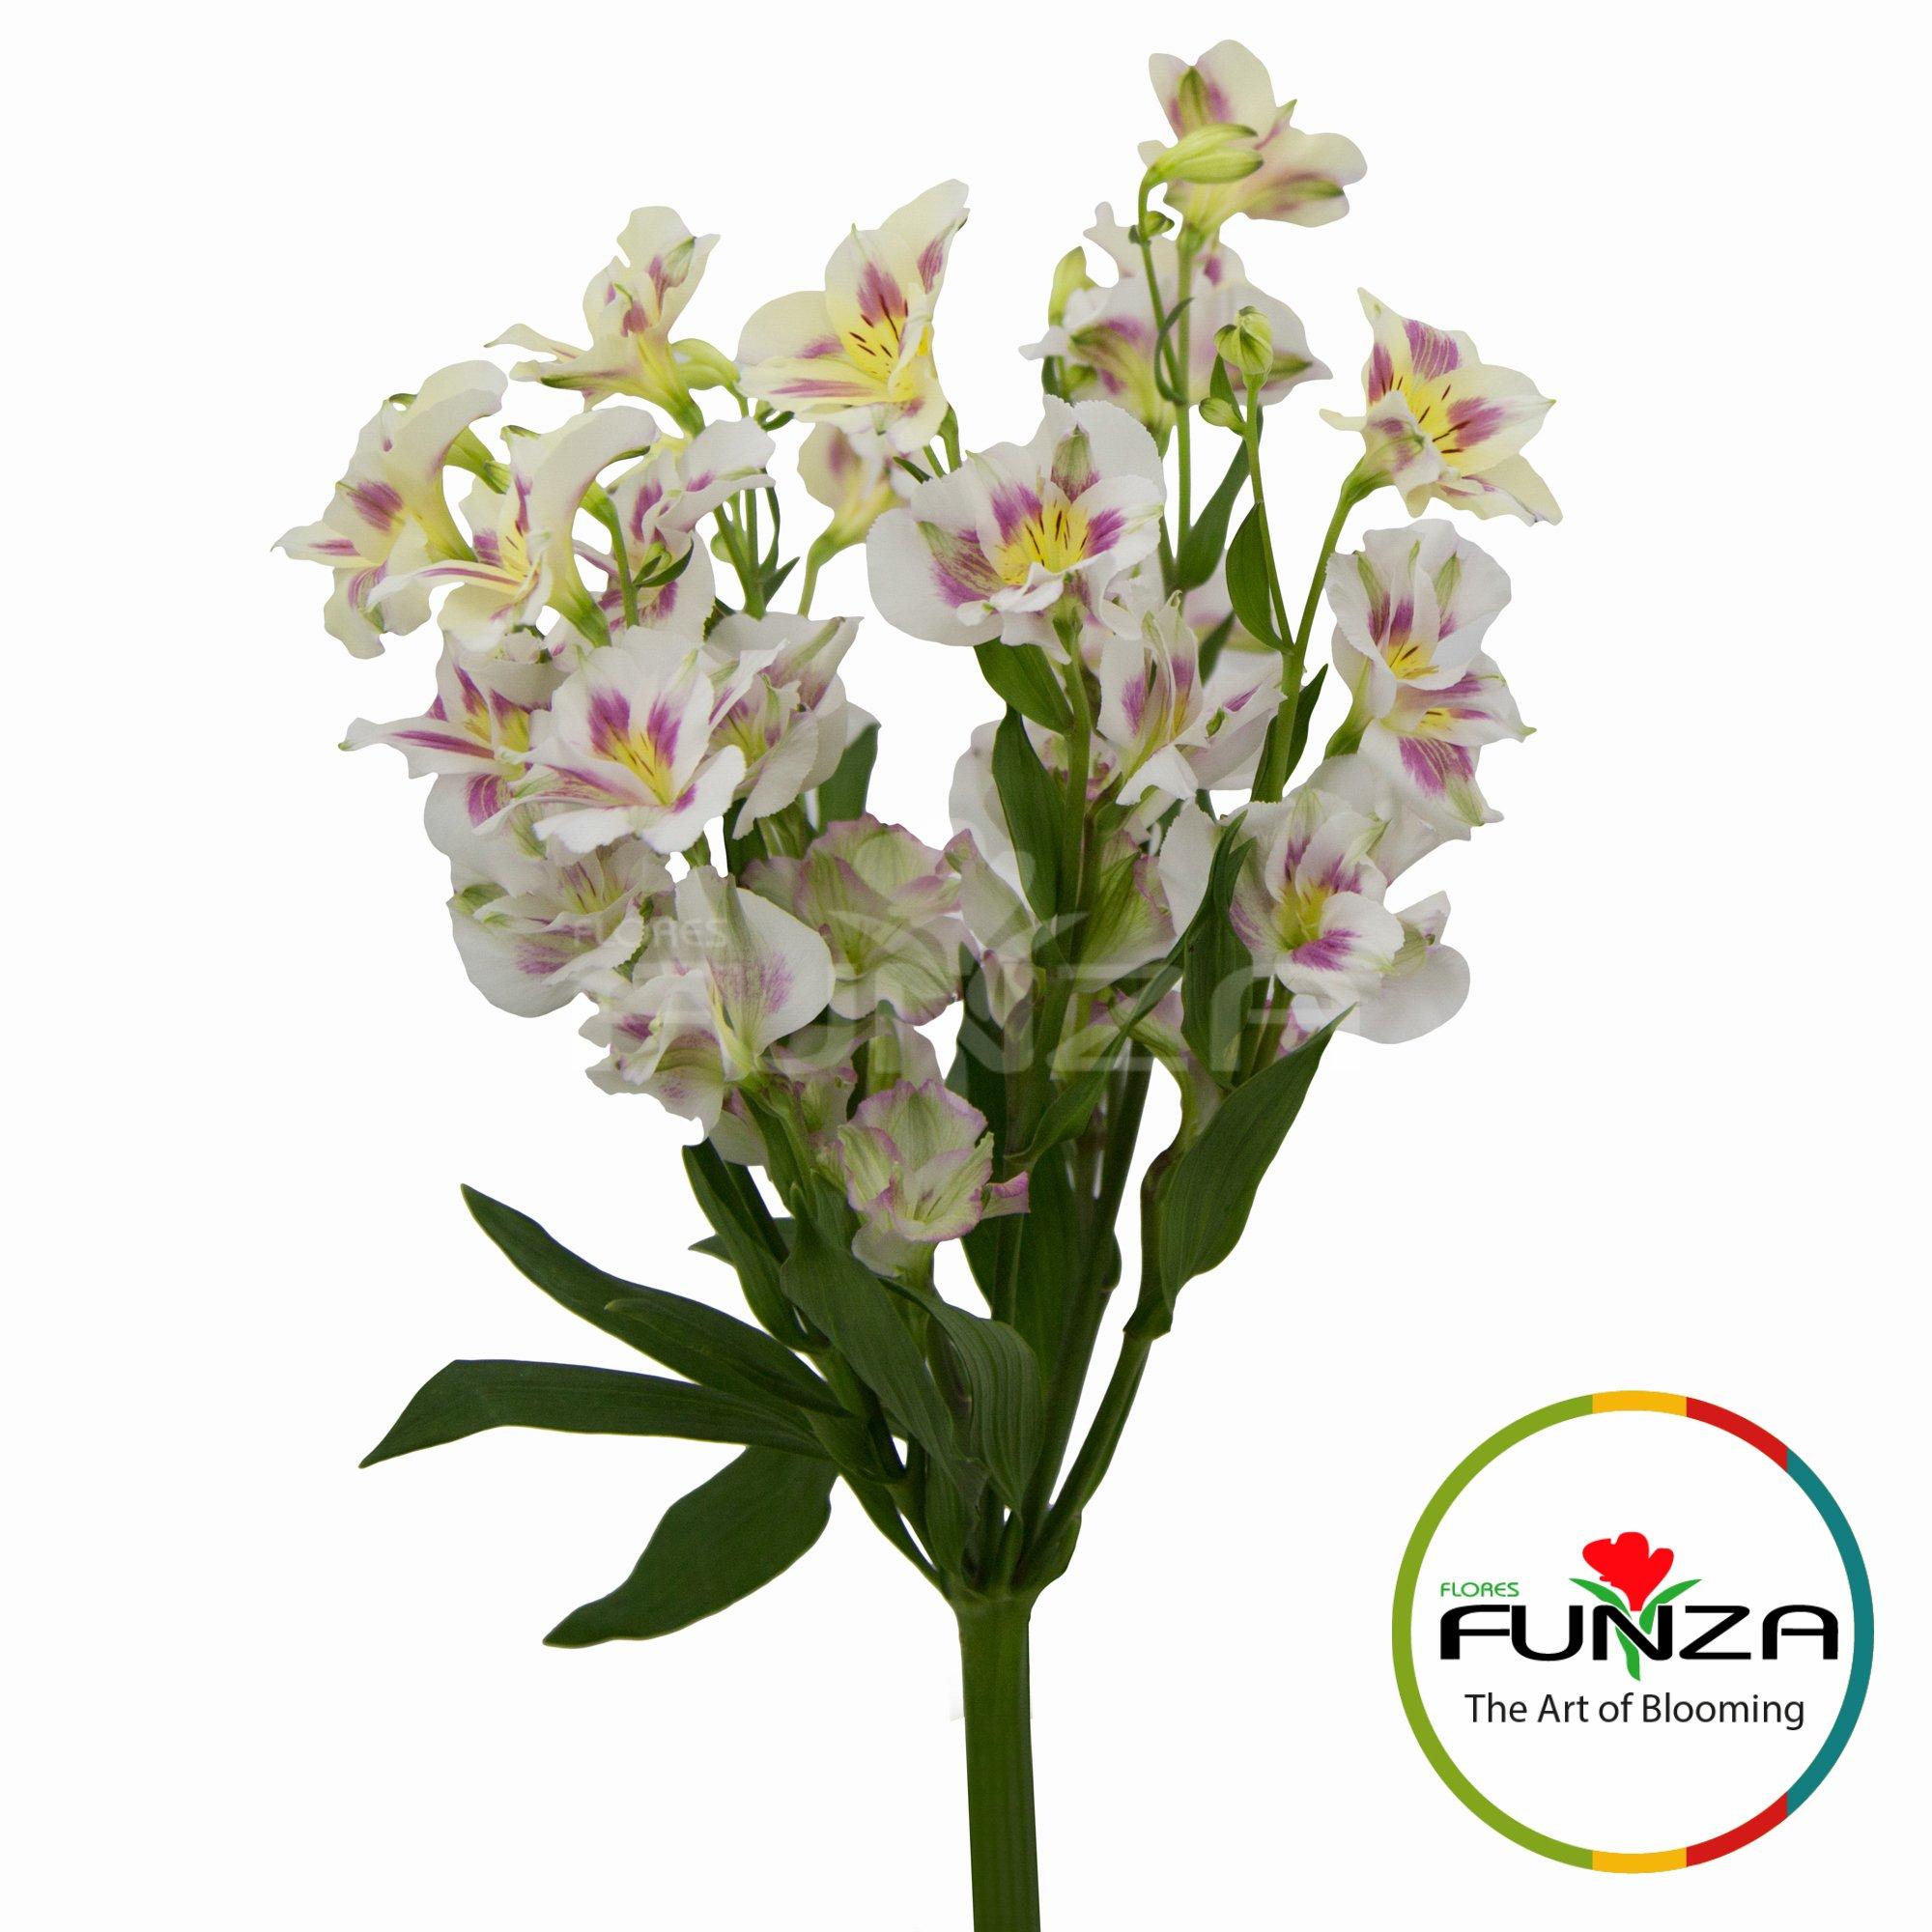 Ballet (3) - Flores Funza